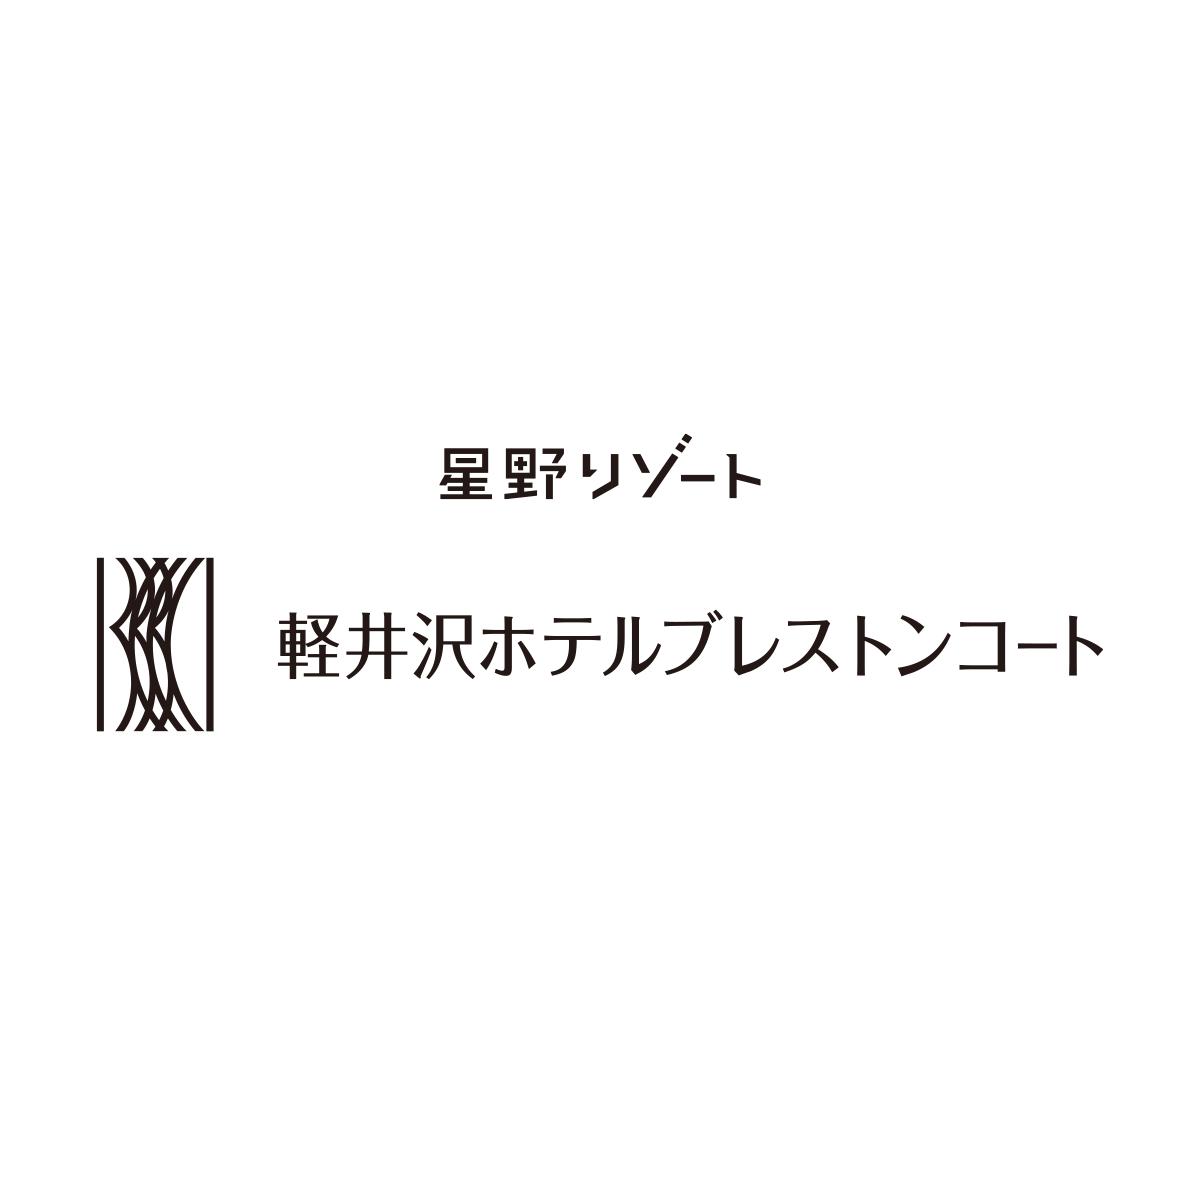 画像: ホテルオリジナルギフト|星野リゾート 軽井沢ホテルブレストンコート